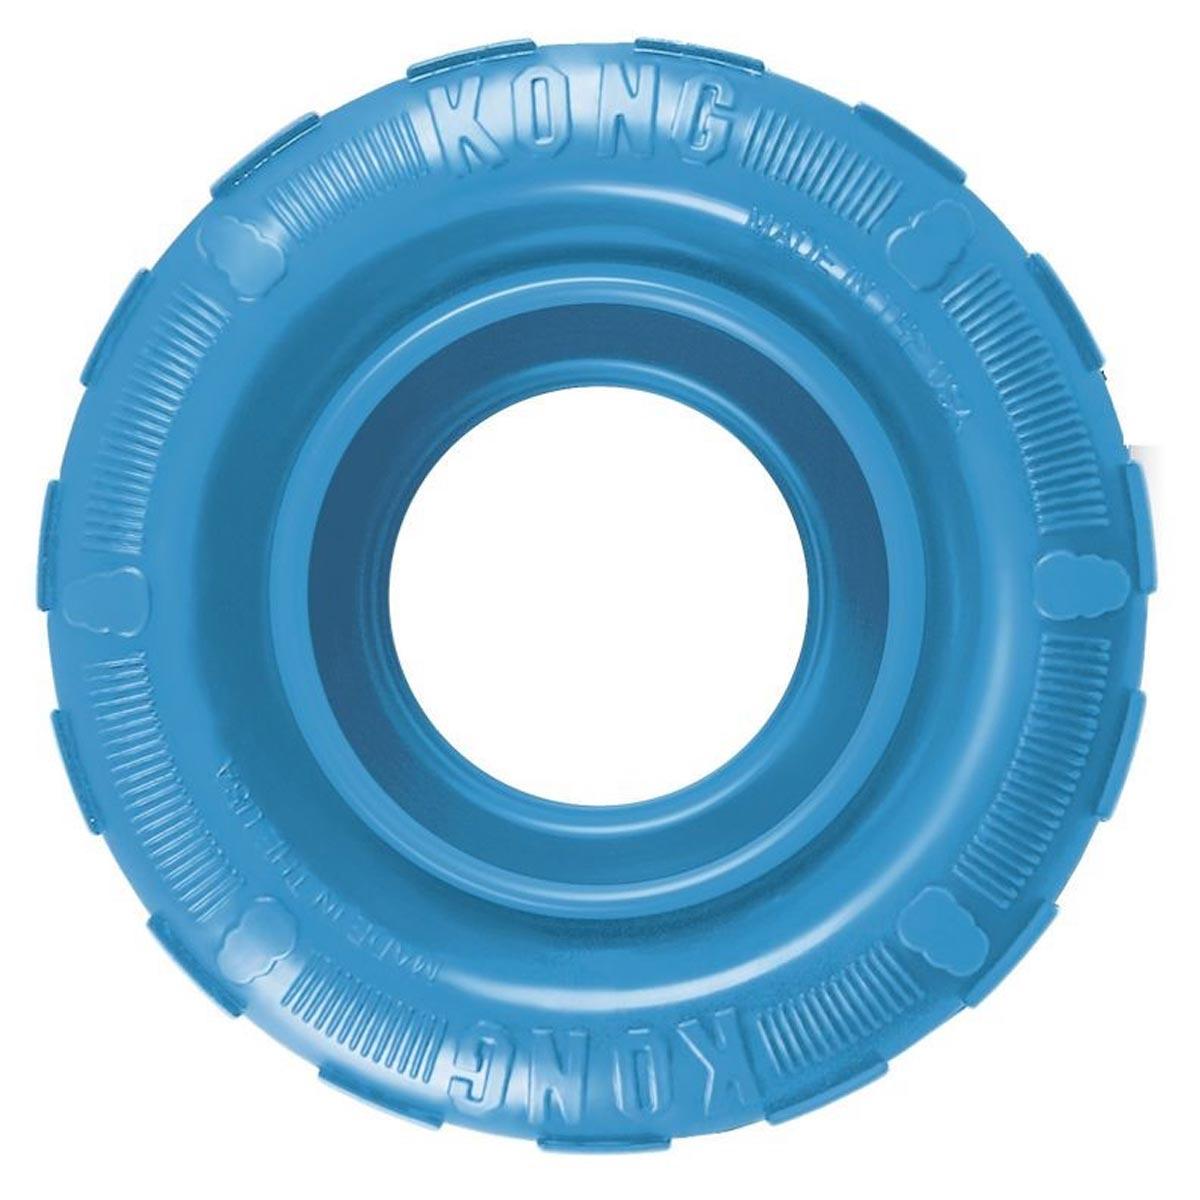 Brinquedo para Cachorro Kong Pneu Rechável Tires Puppy Azul